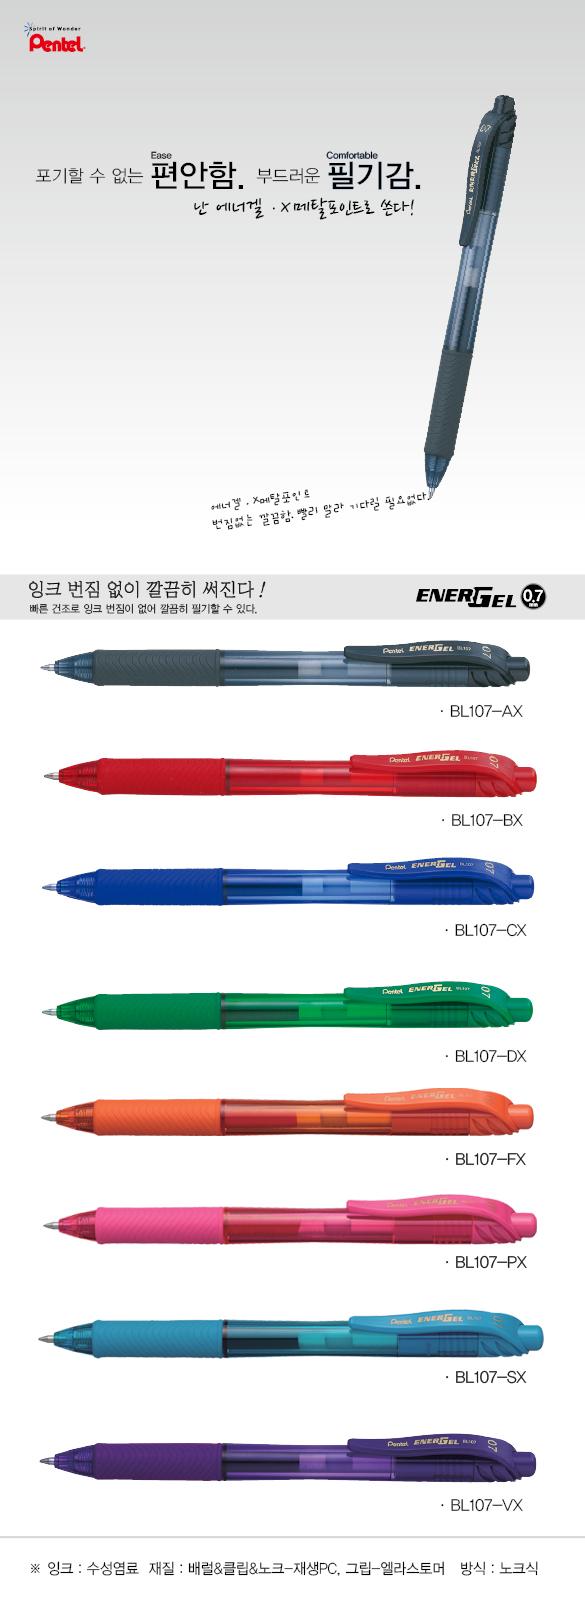 에너겔X 메탈포인트 BL107 - 아톰, 1,500원, 볼펜, 심플 볼펜